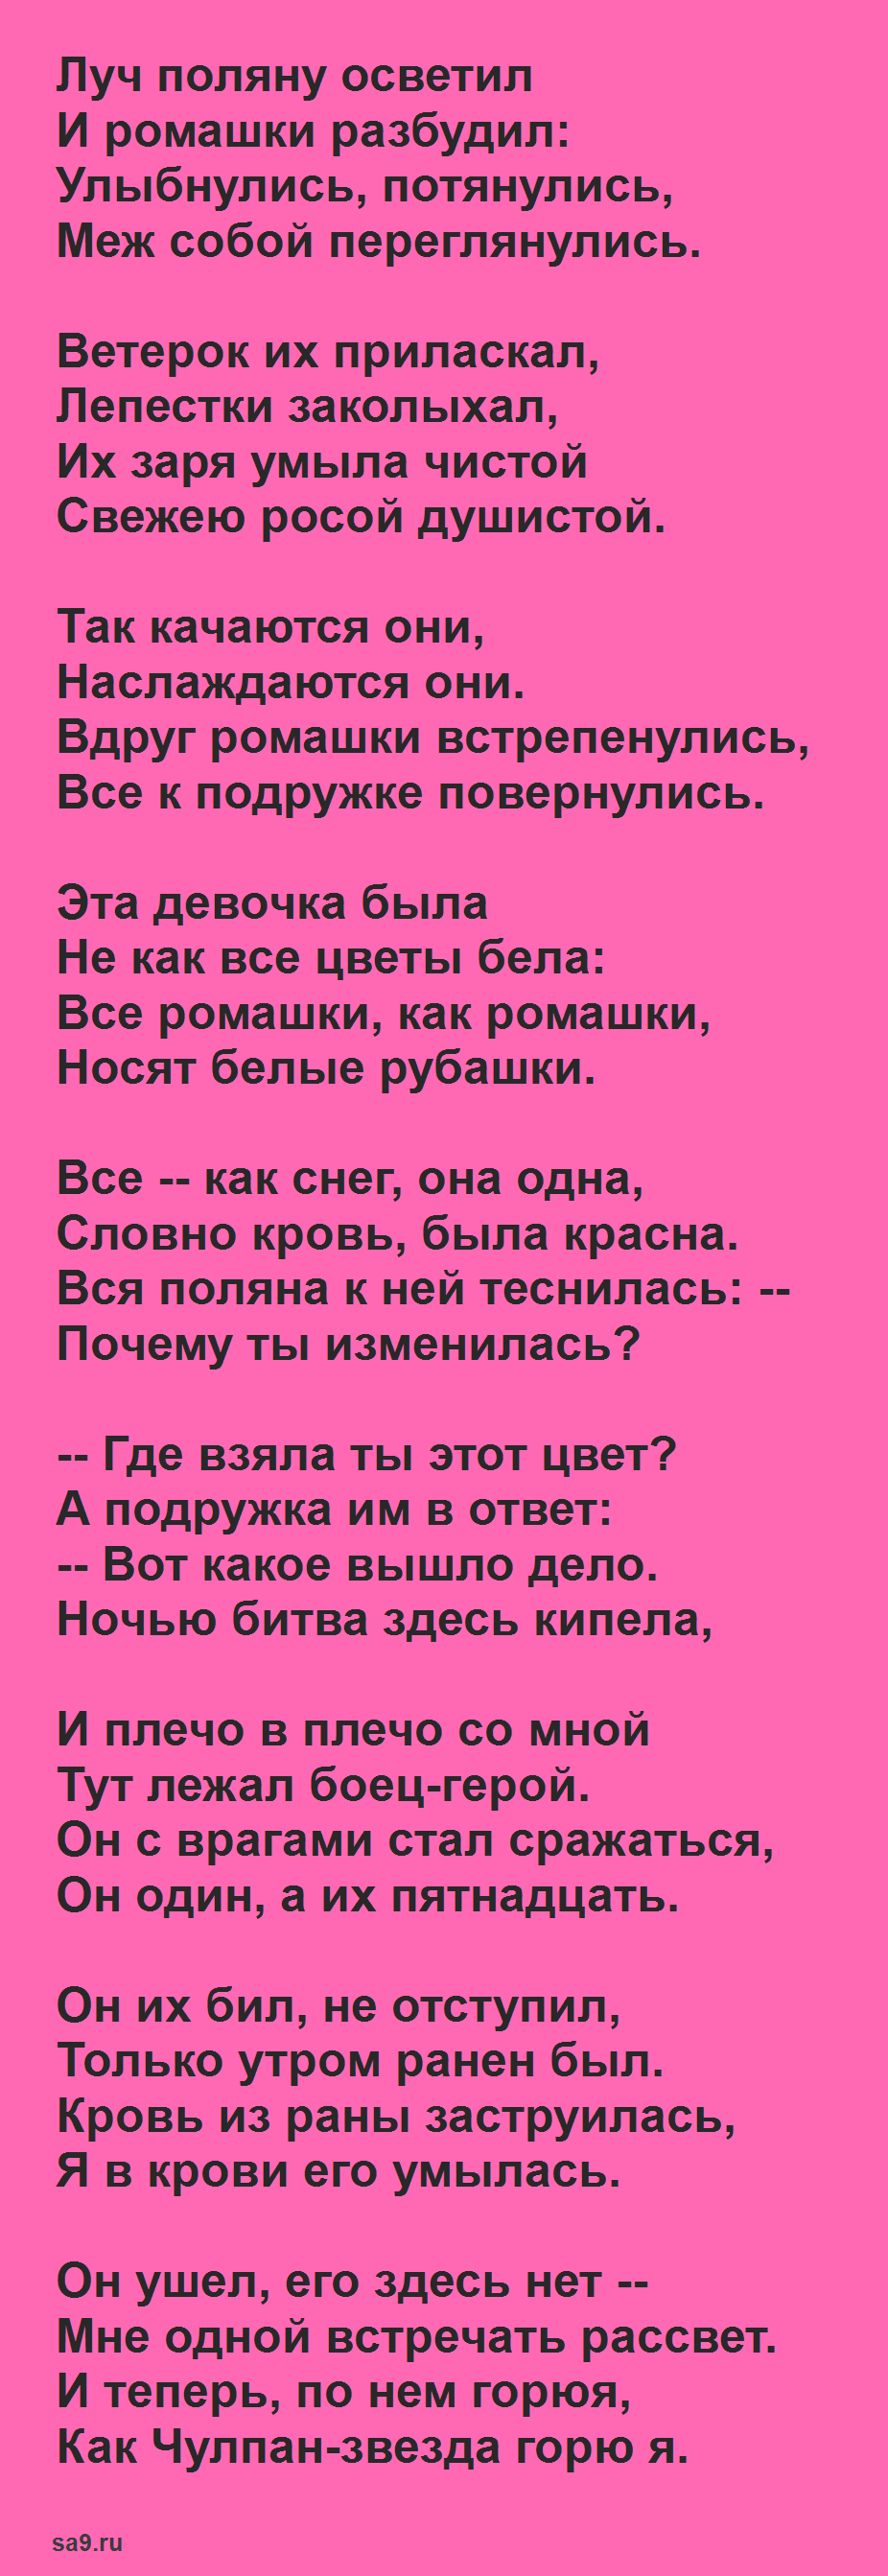 Муса Джалиль стих - Красная ромашка